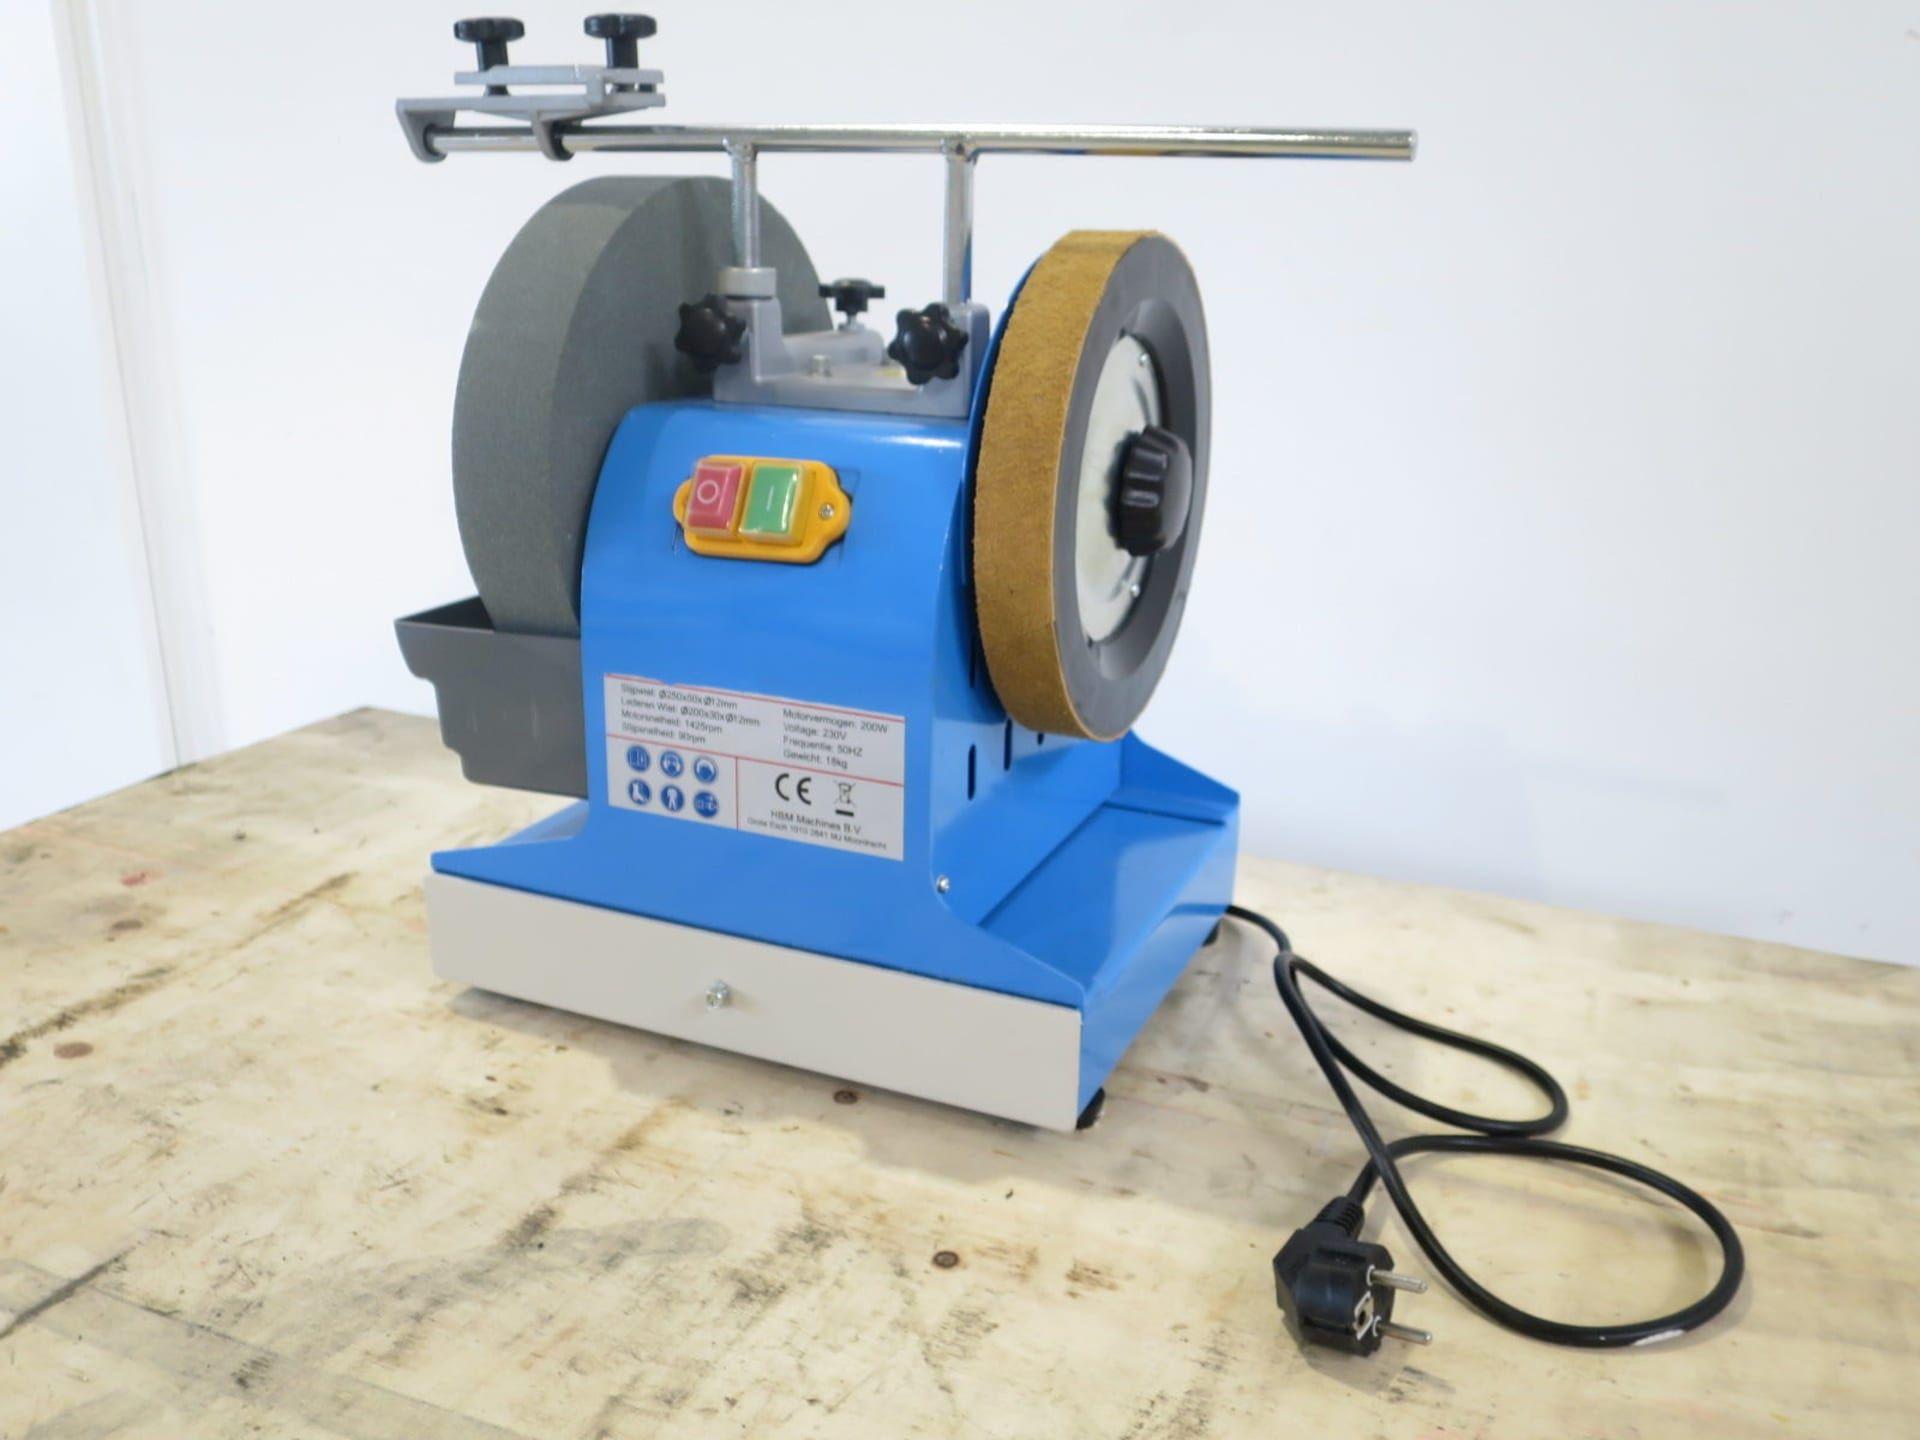 HBM 250 Werkzeugschleifmaschine